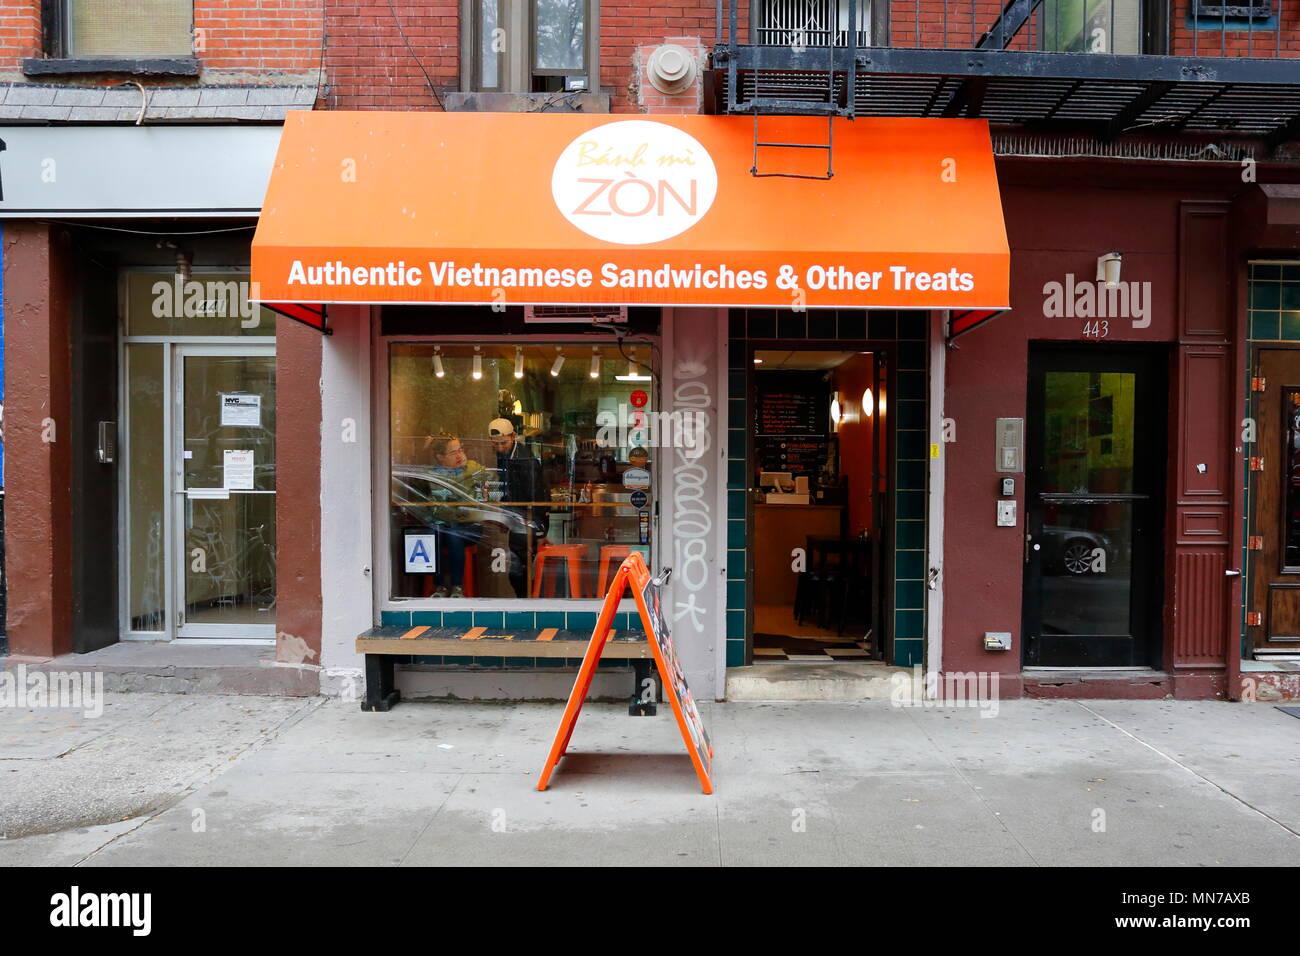 Banh Mi Zon, 443 E 6th St, New York, NY - Stock Image